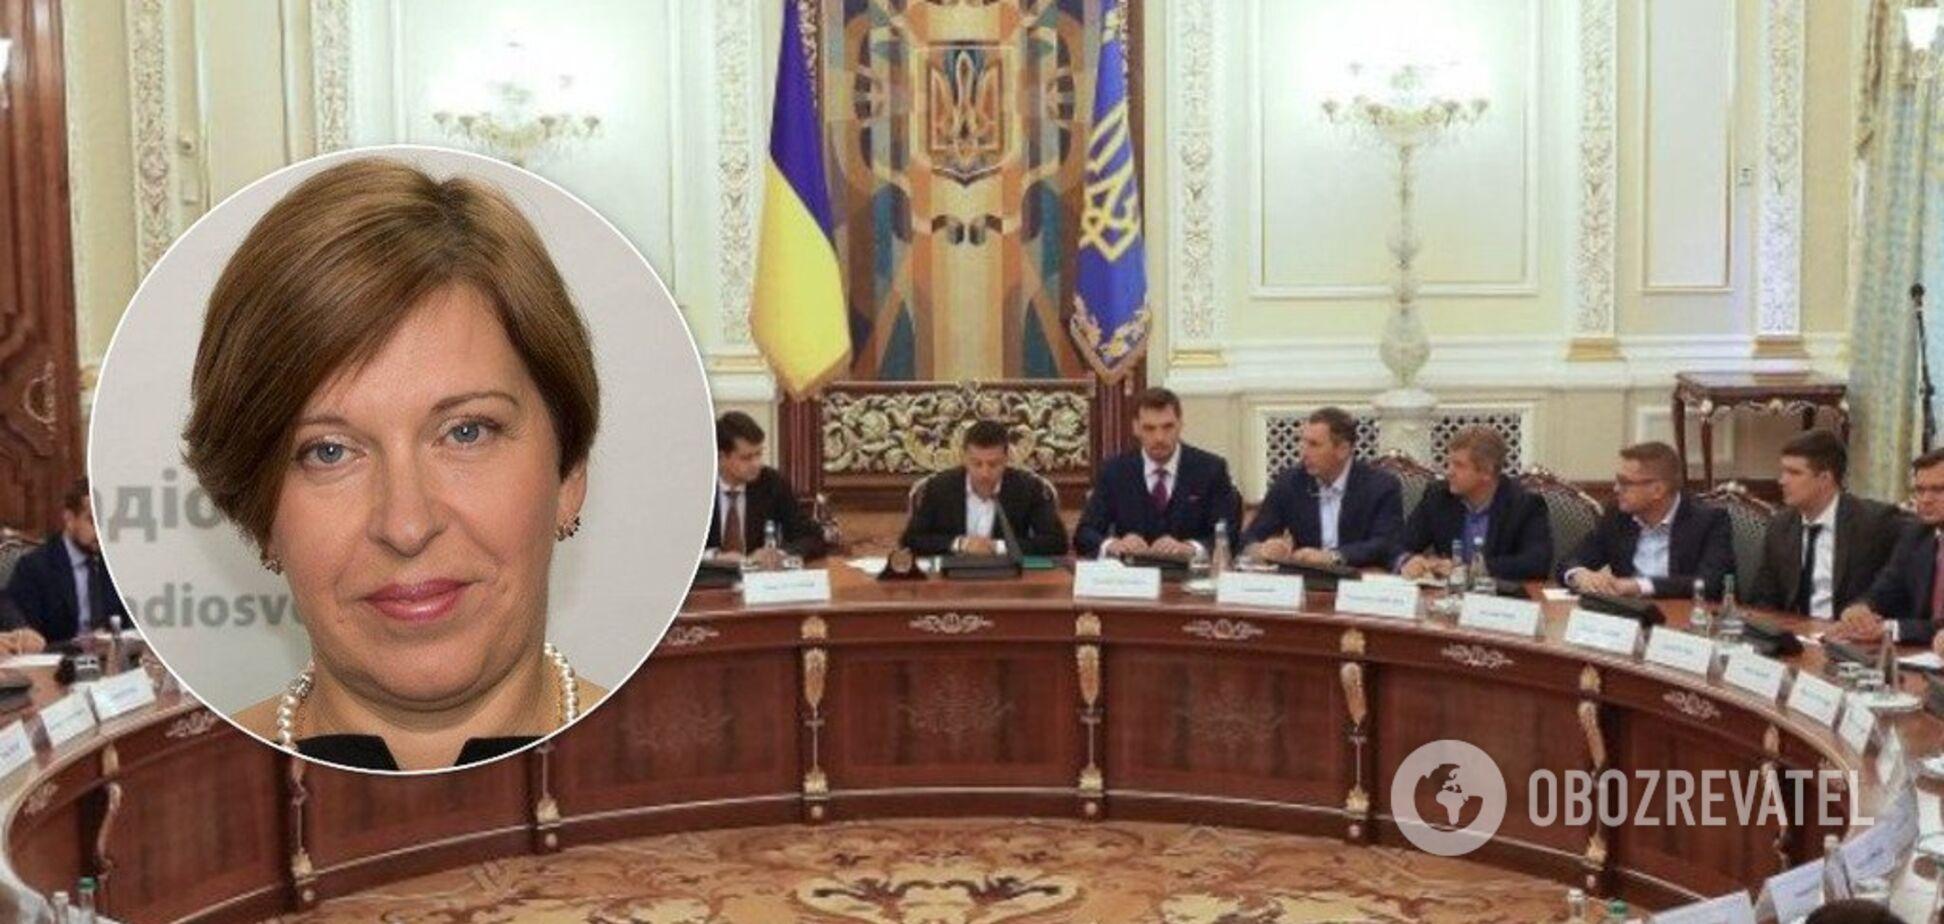 Кто-то в правительстве работает на государство-агрессора - экс-глава ГРС Ксения Ляпина